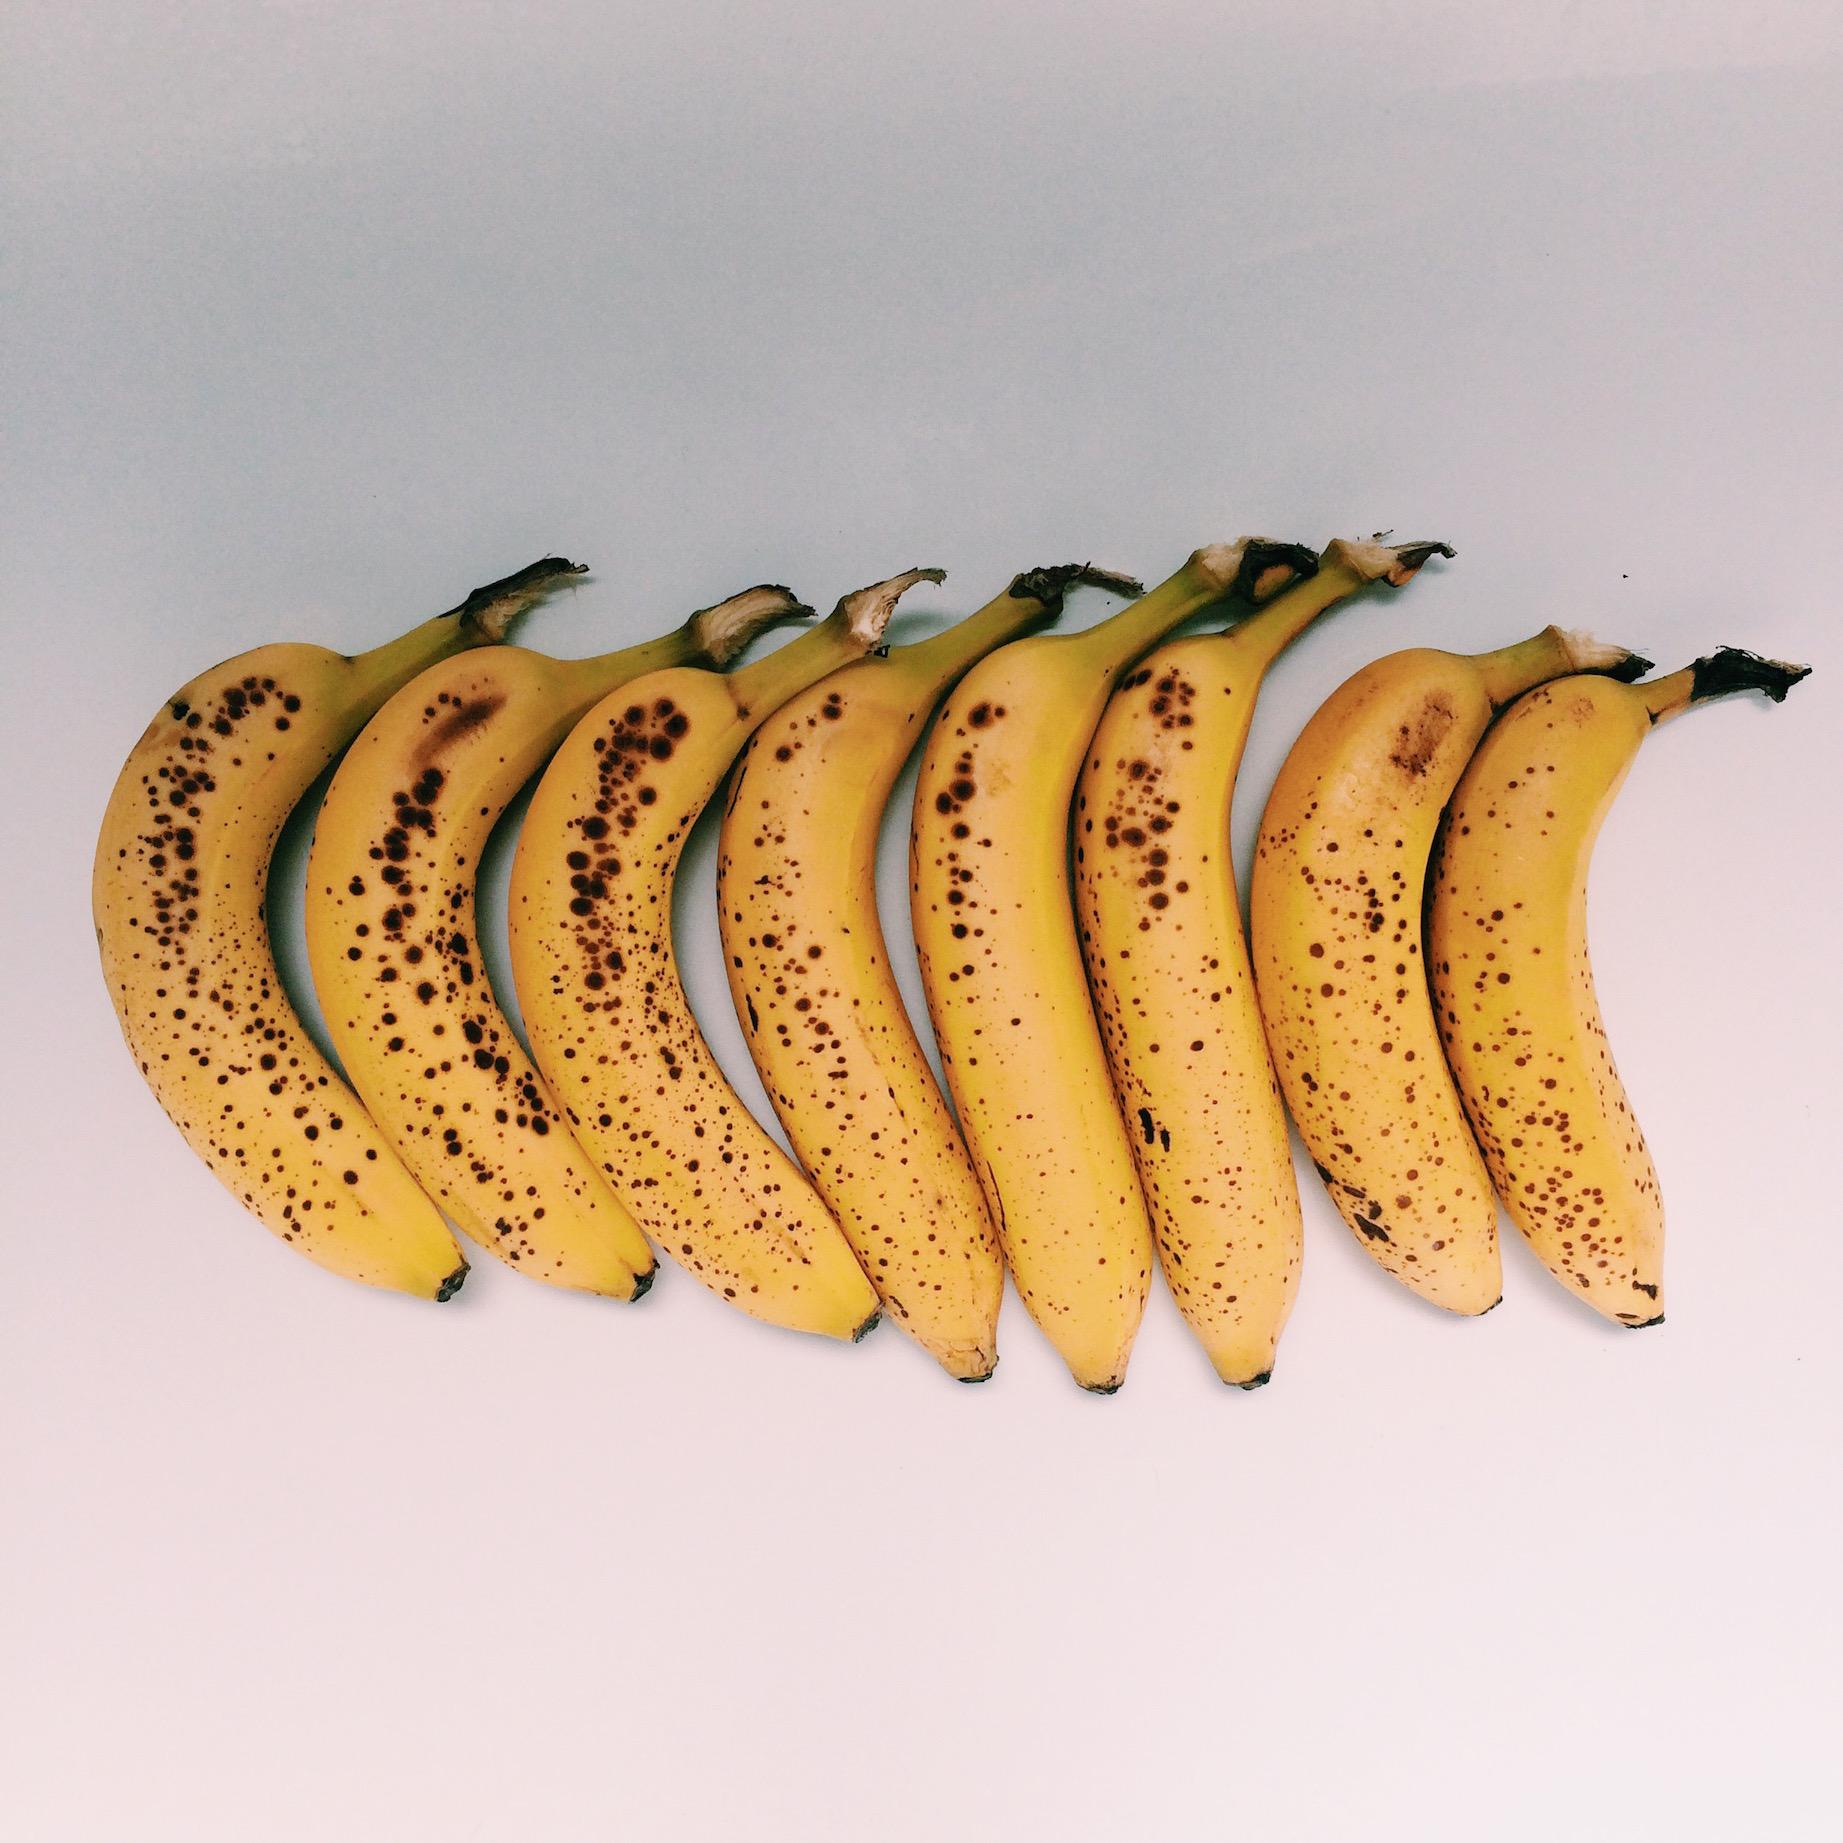 Obst macht die Zähne kaputt